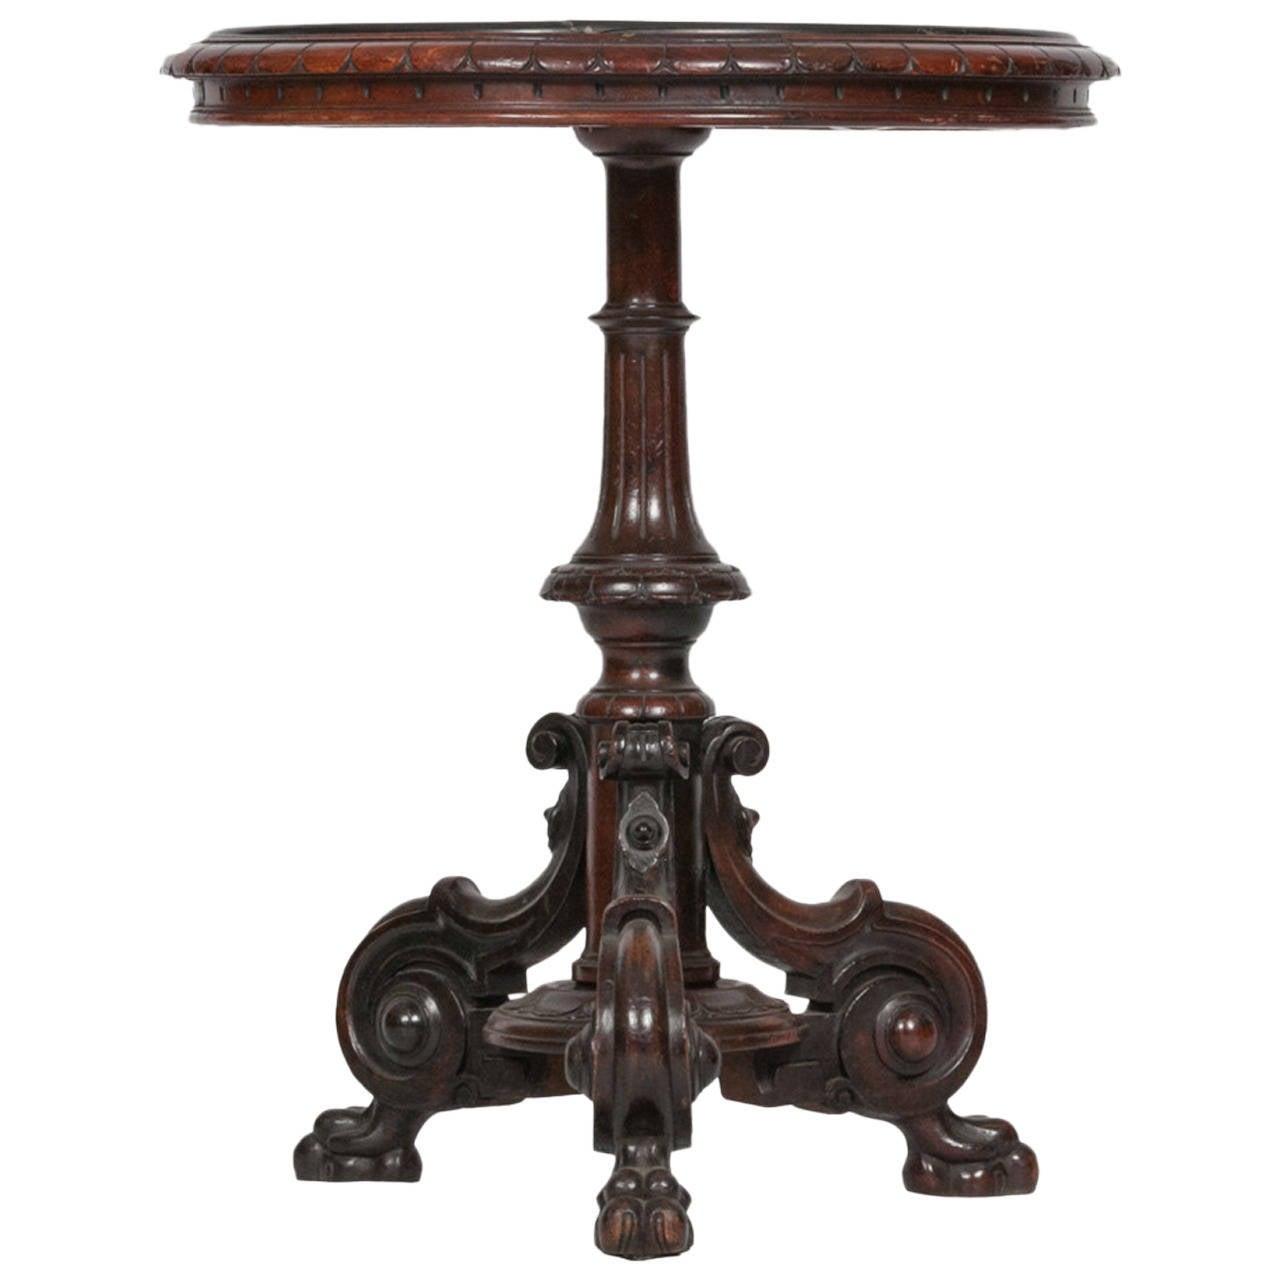 19th Century William IV Specimen Marble Occasional Table